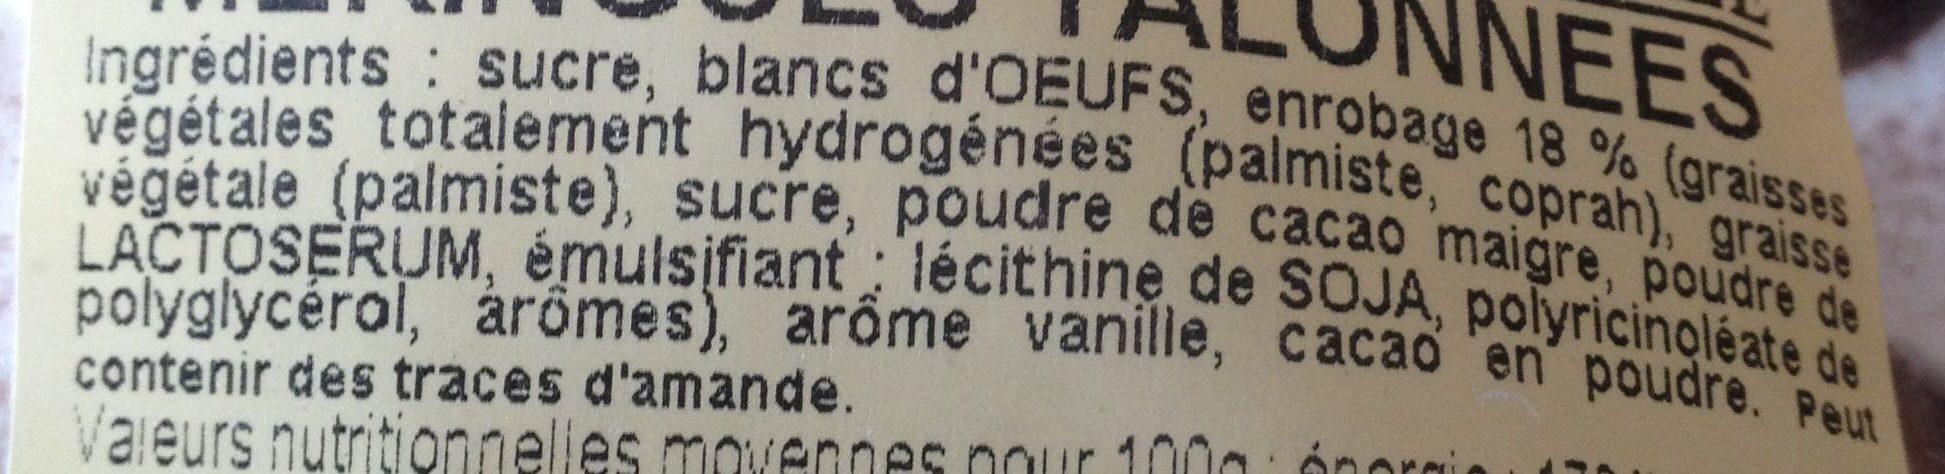 Meringues talonnées au cacao, 200g - Ingrédients - fr